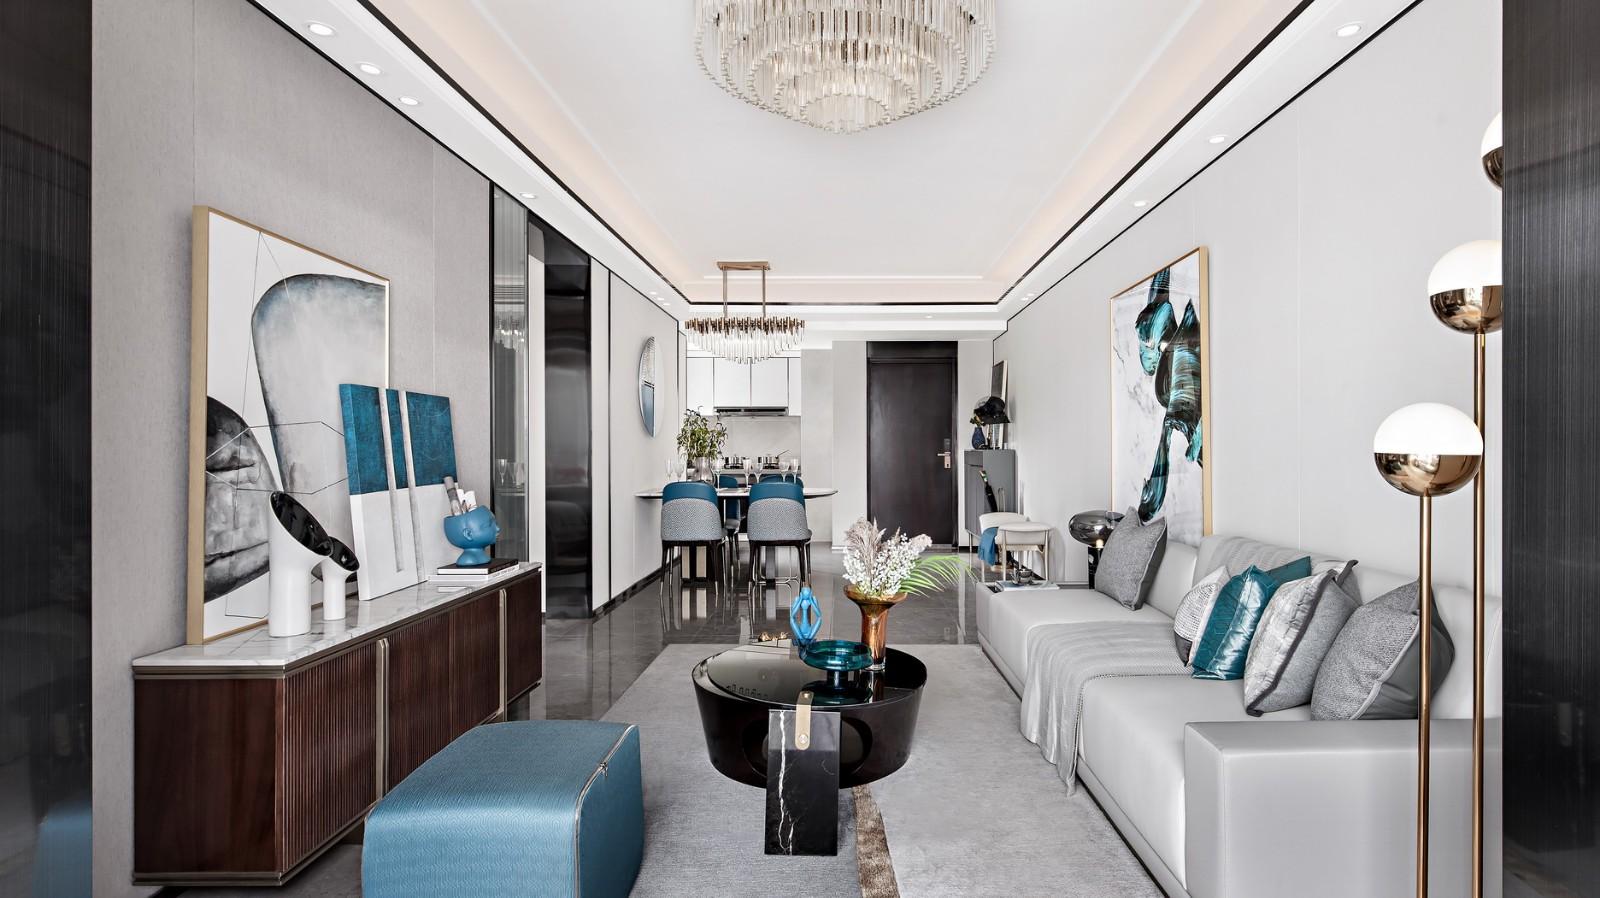 以高级灰为主,以优雅蓝为点缀色,呈现出满满的格调感;回型吊顶直接延伸到餐厅区域,加以黑色收边和谐统一